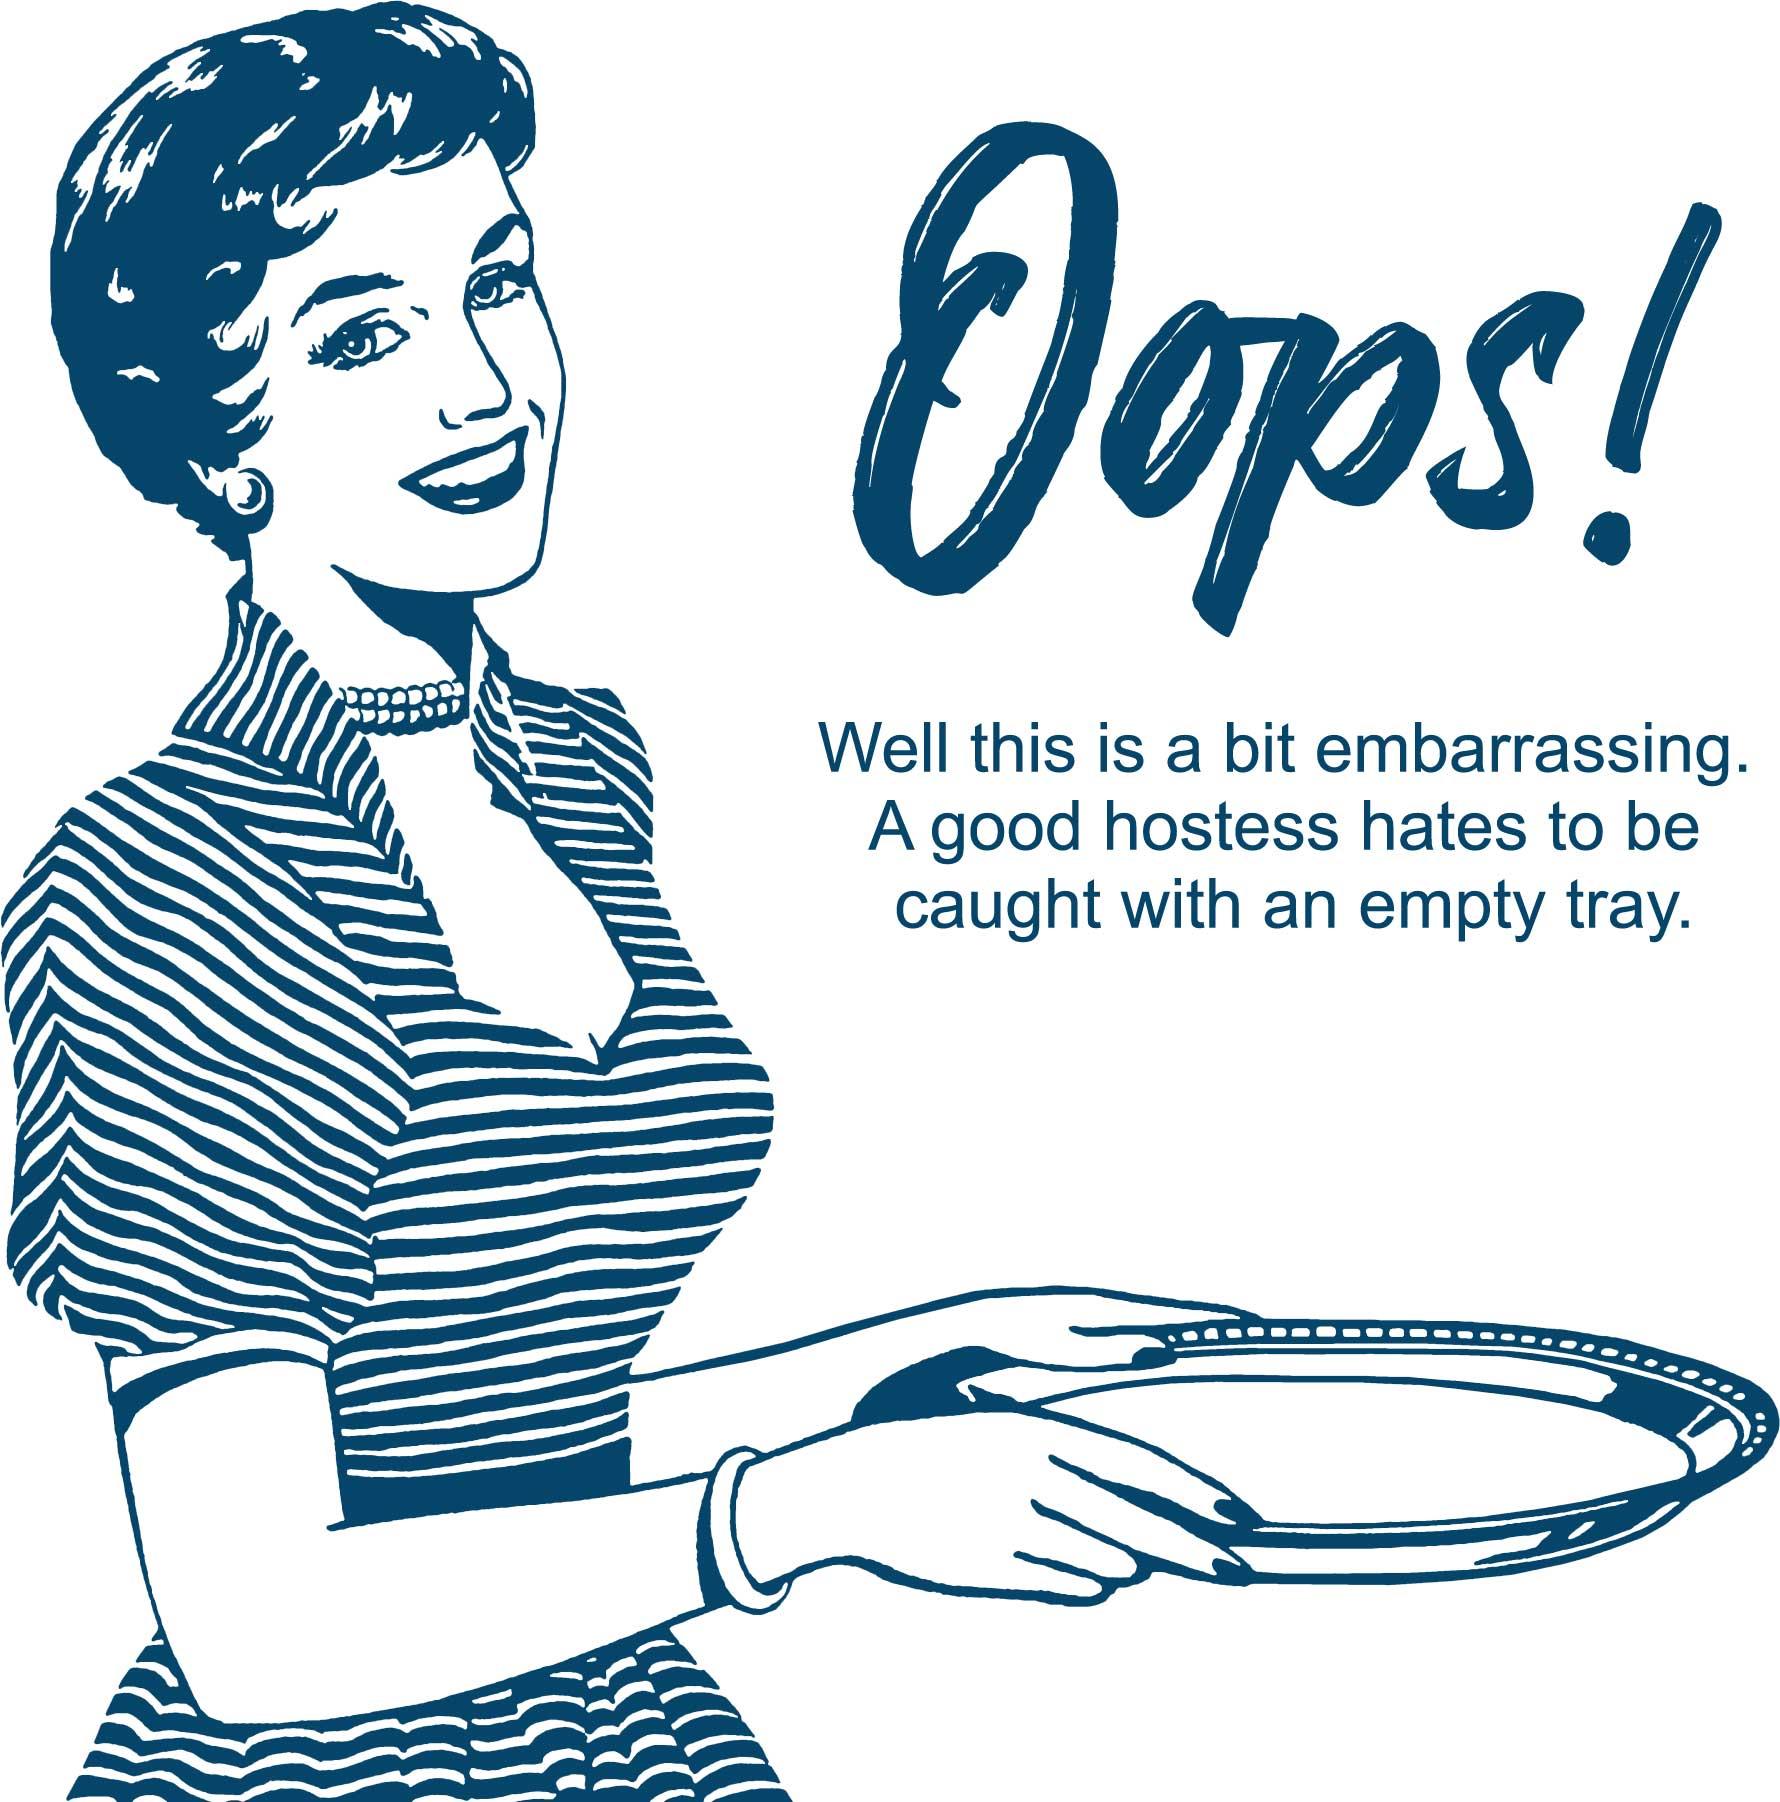 HostessEmptyTray.jpg